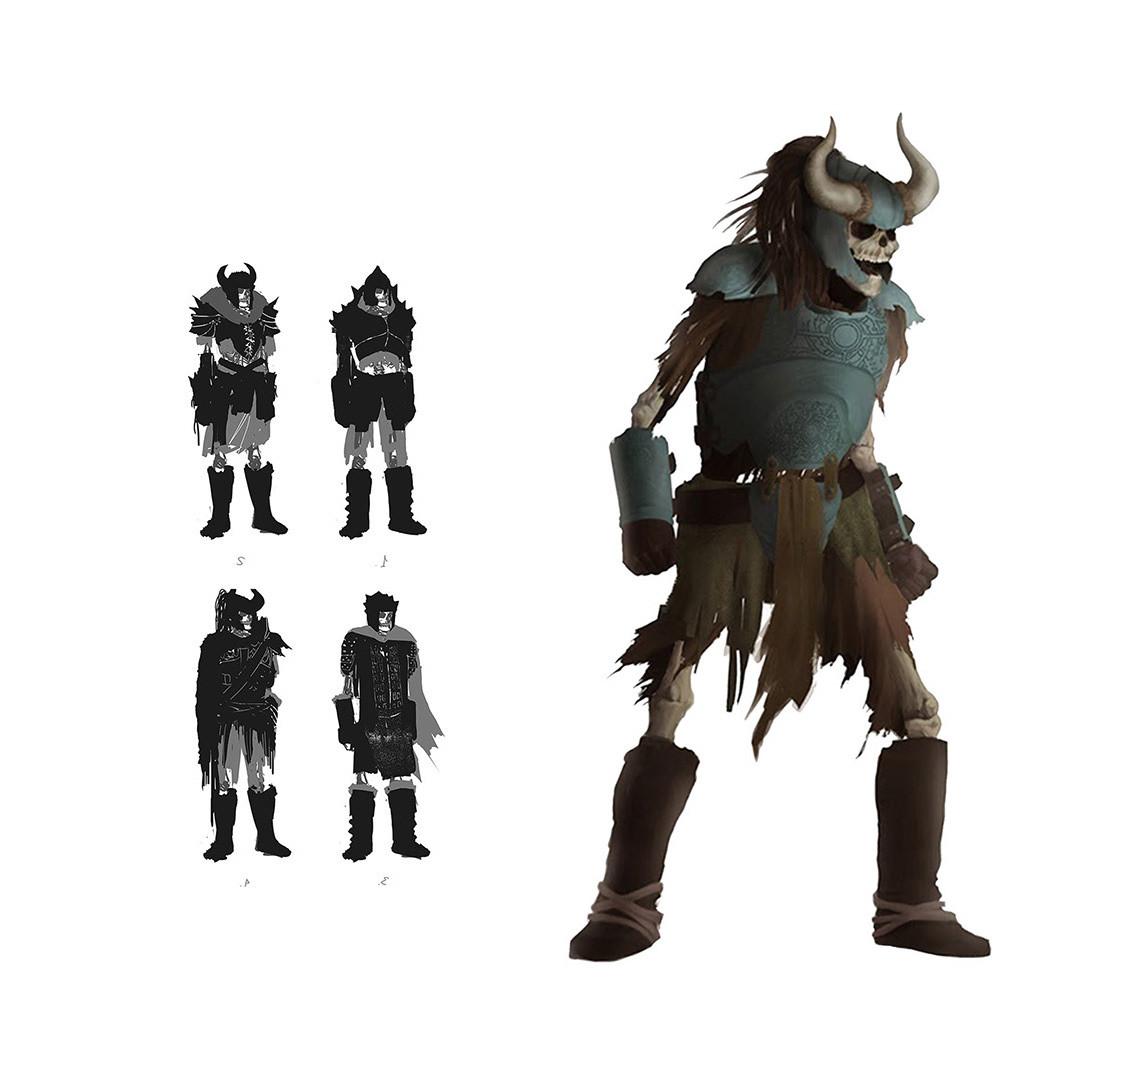 Skull boss for Barbarian videogame